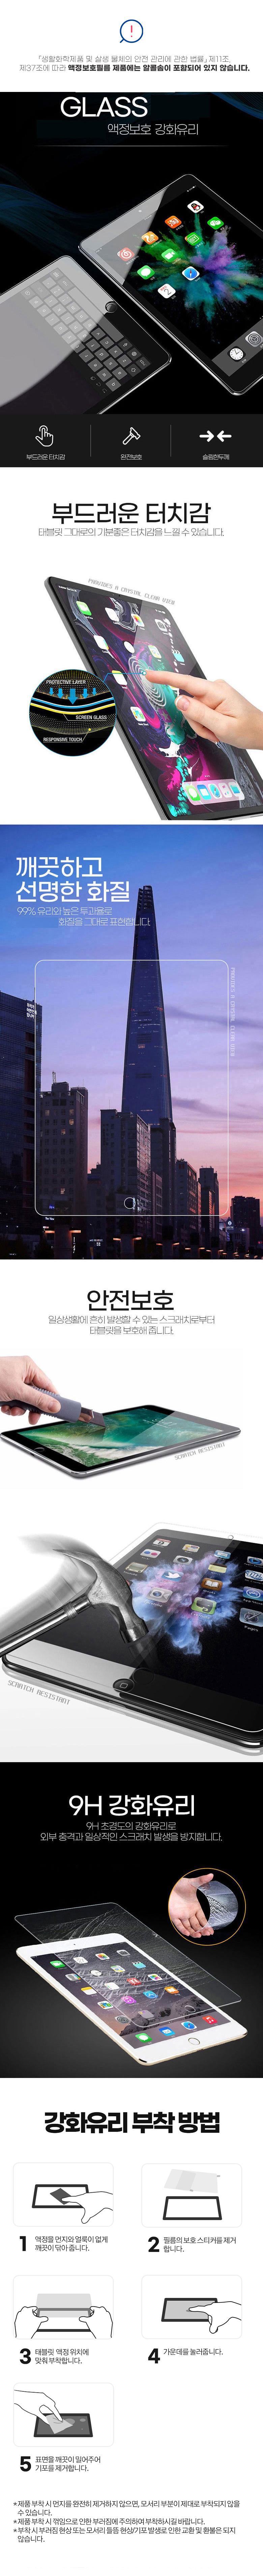 갤럭시탭A6 10.1 (with S pen) 강화유리 방탄필름 - AZV, 13,000원, 필름/스킨, 기타 갤럭시 제품